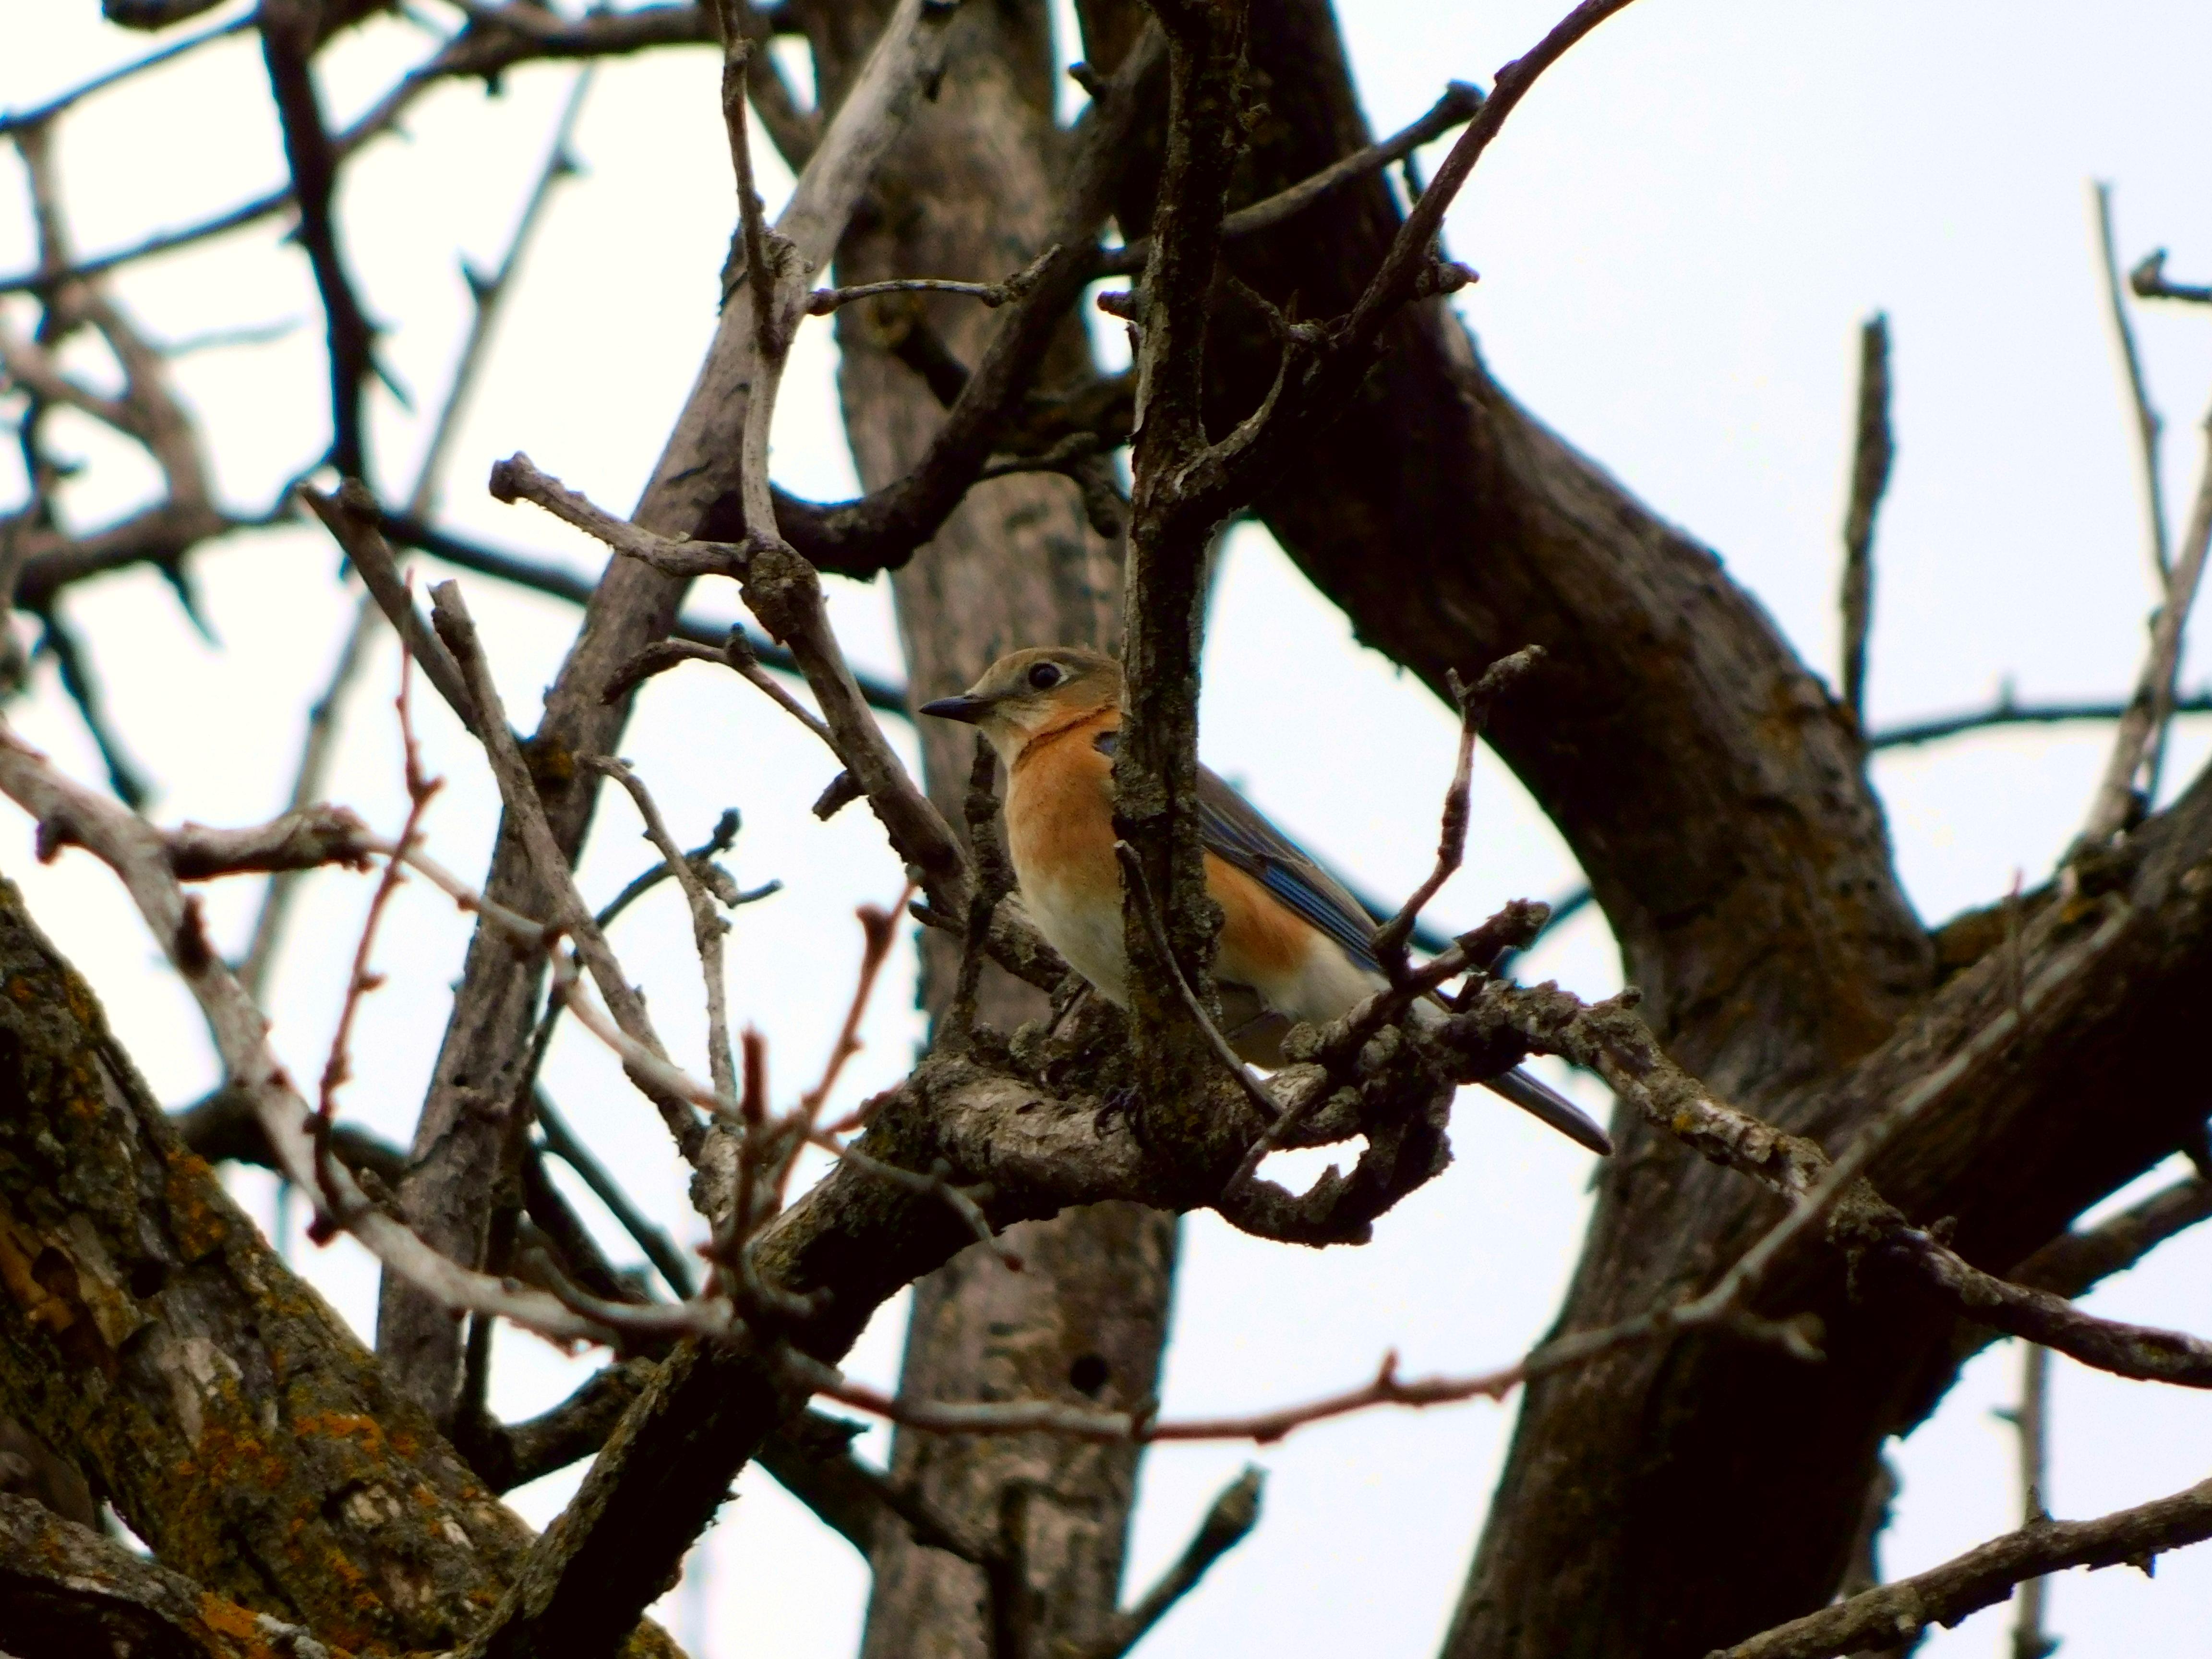 Bluebird in a tree